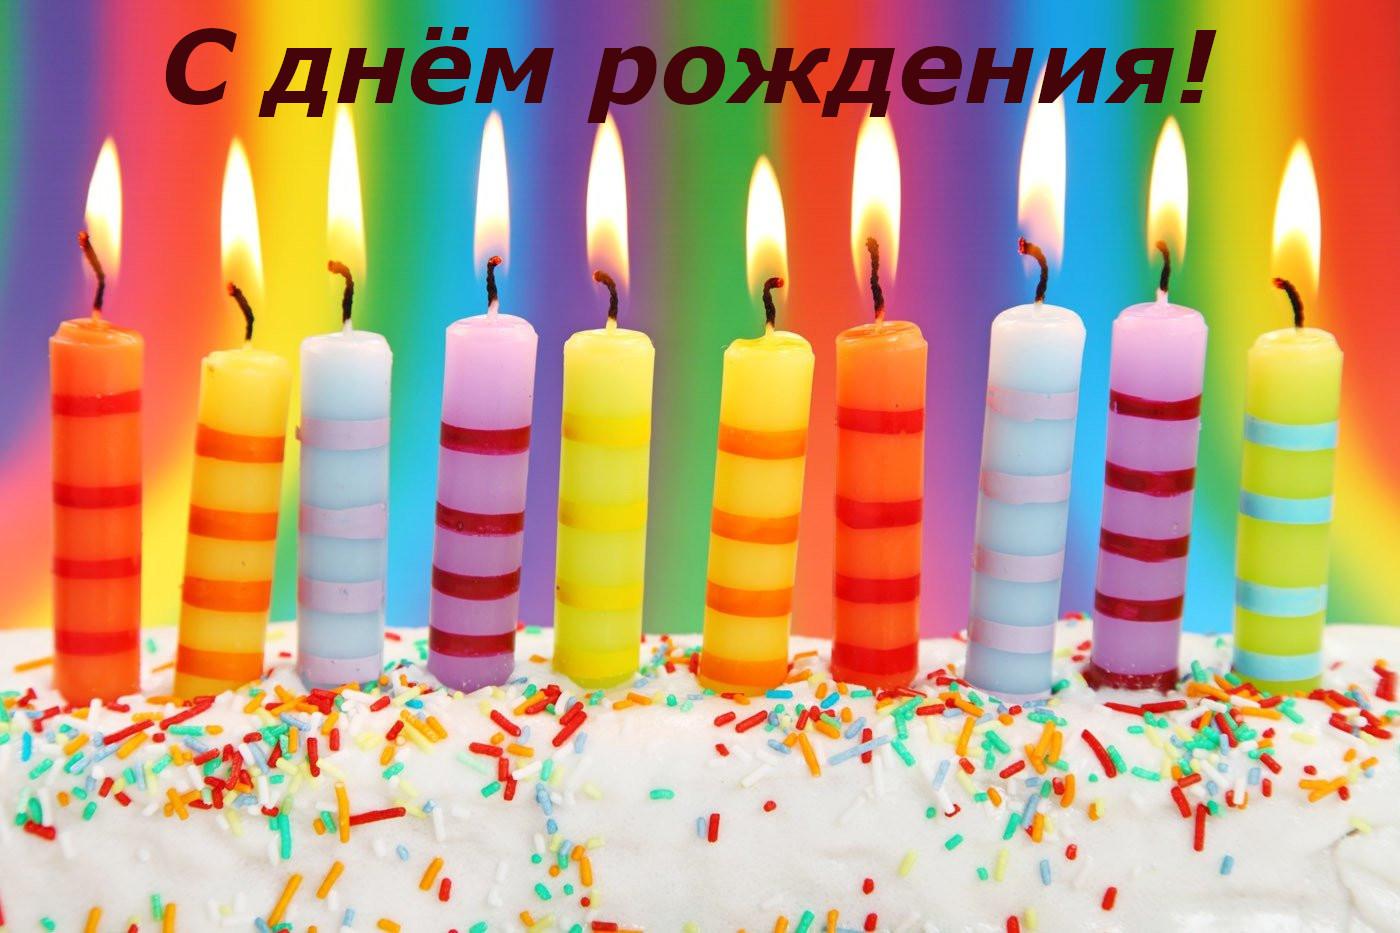 С днём рождения открытки с поздравлениями с днём рождения , торт со свечами С днём рождения , открытки, картинки поздравления в день рождения , красивые с изображением торта со свечами , яркие , торт , свечи с днём рождения , яркость красок.